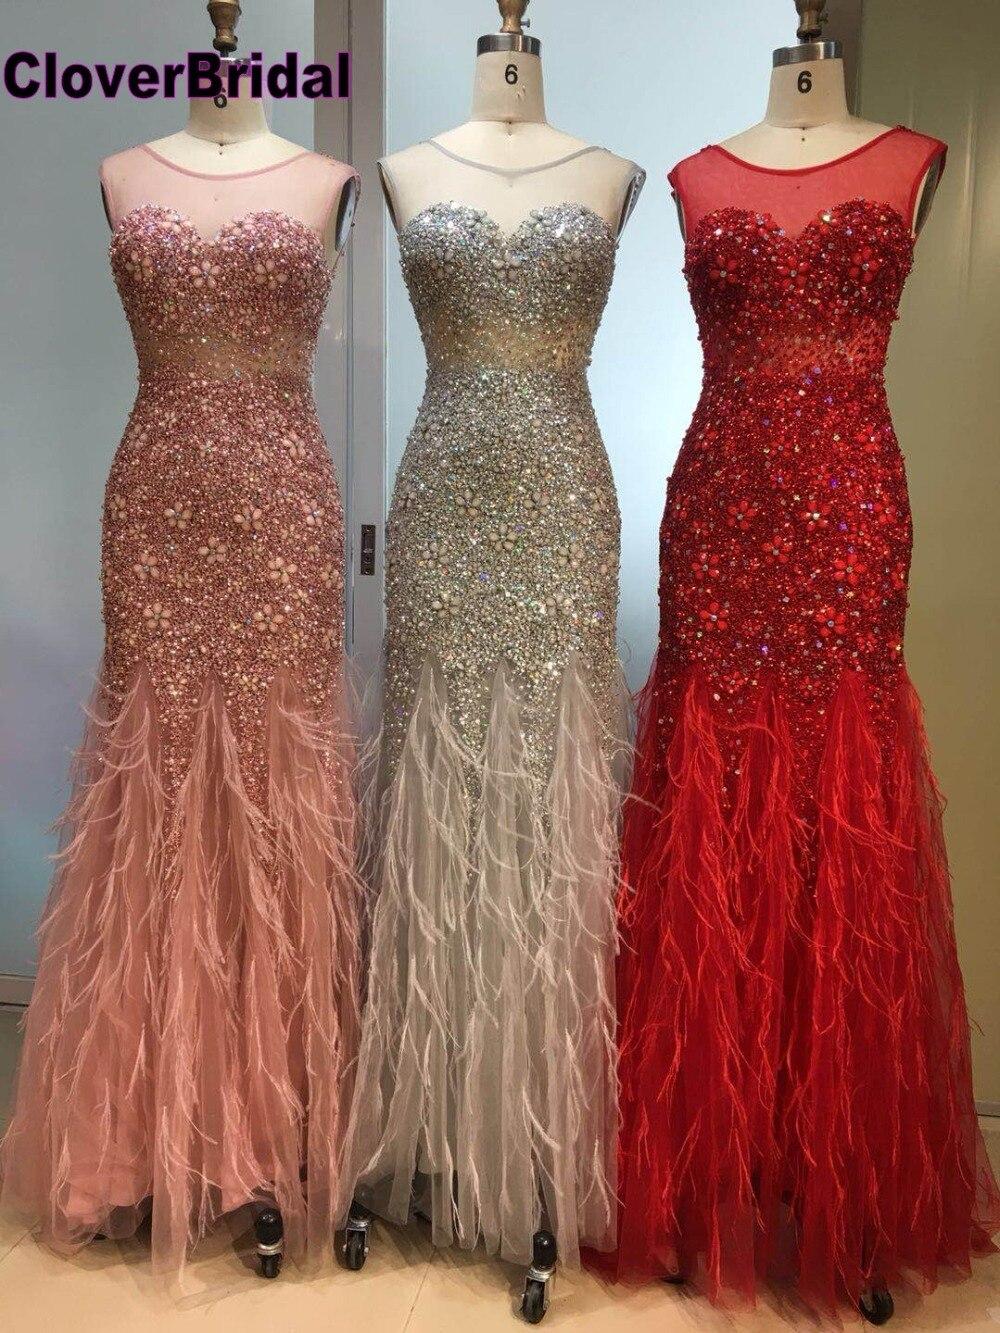 CloverBridal 2018 dernière conception de luxe éblouissant sirène pierres plumes robes de soirée longue robe de festa longo robe longue